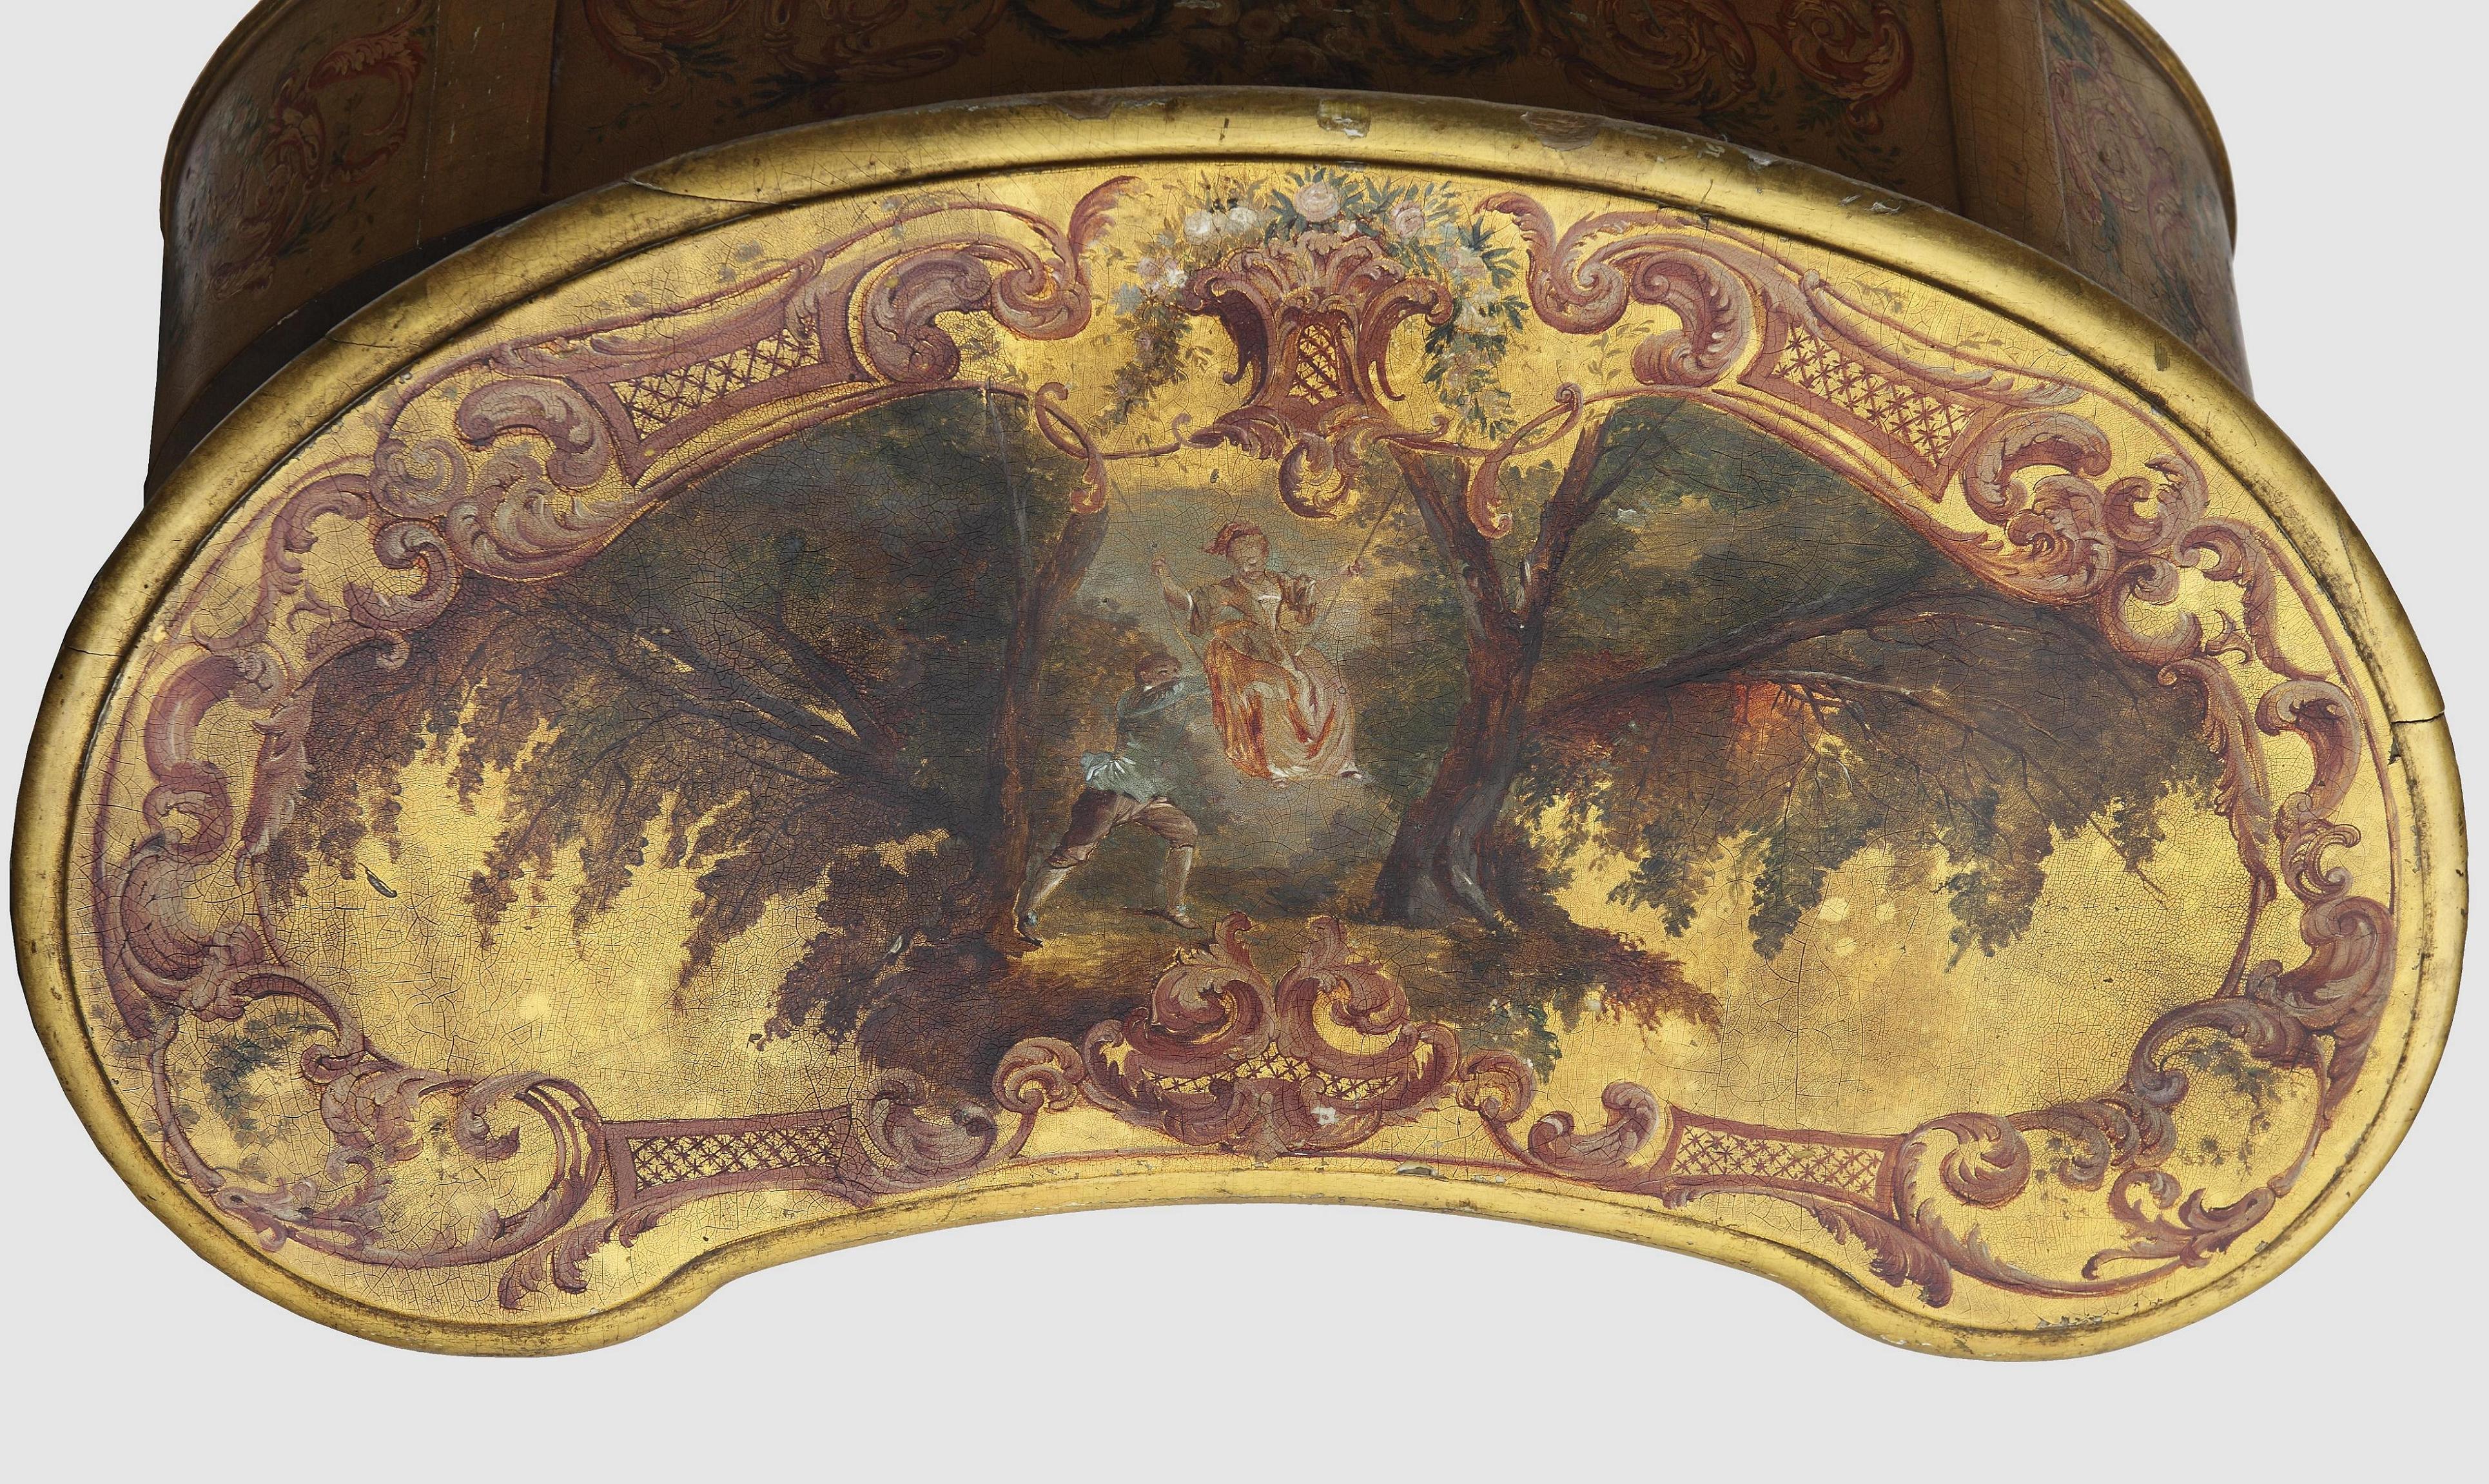 Polska (?); Stolik-nerka ze scenką rodzajową; ok. 1880; stolarka, pozłacanie, polichromia; brzoza, stal